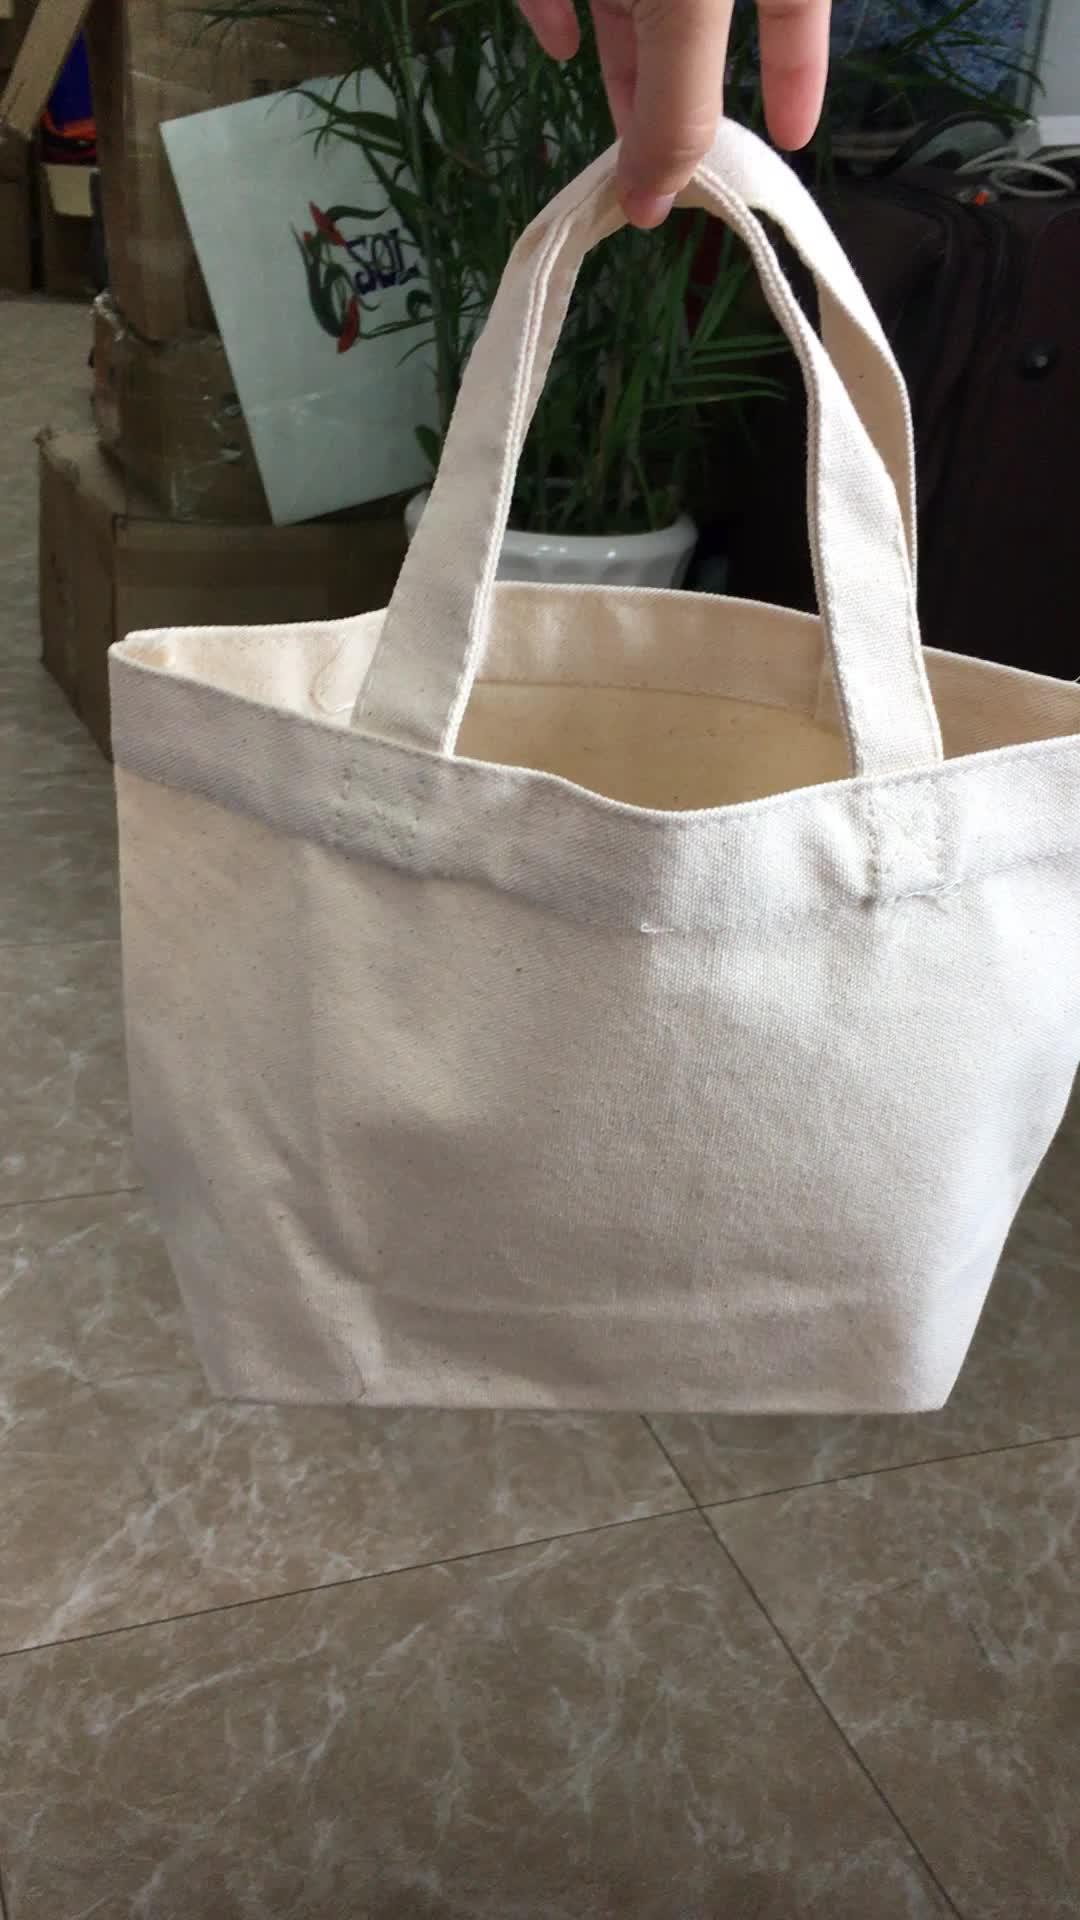 14 oz मानक आकार प्राकृतिक प्रचार कपास कैनवास बैग ले जाना